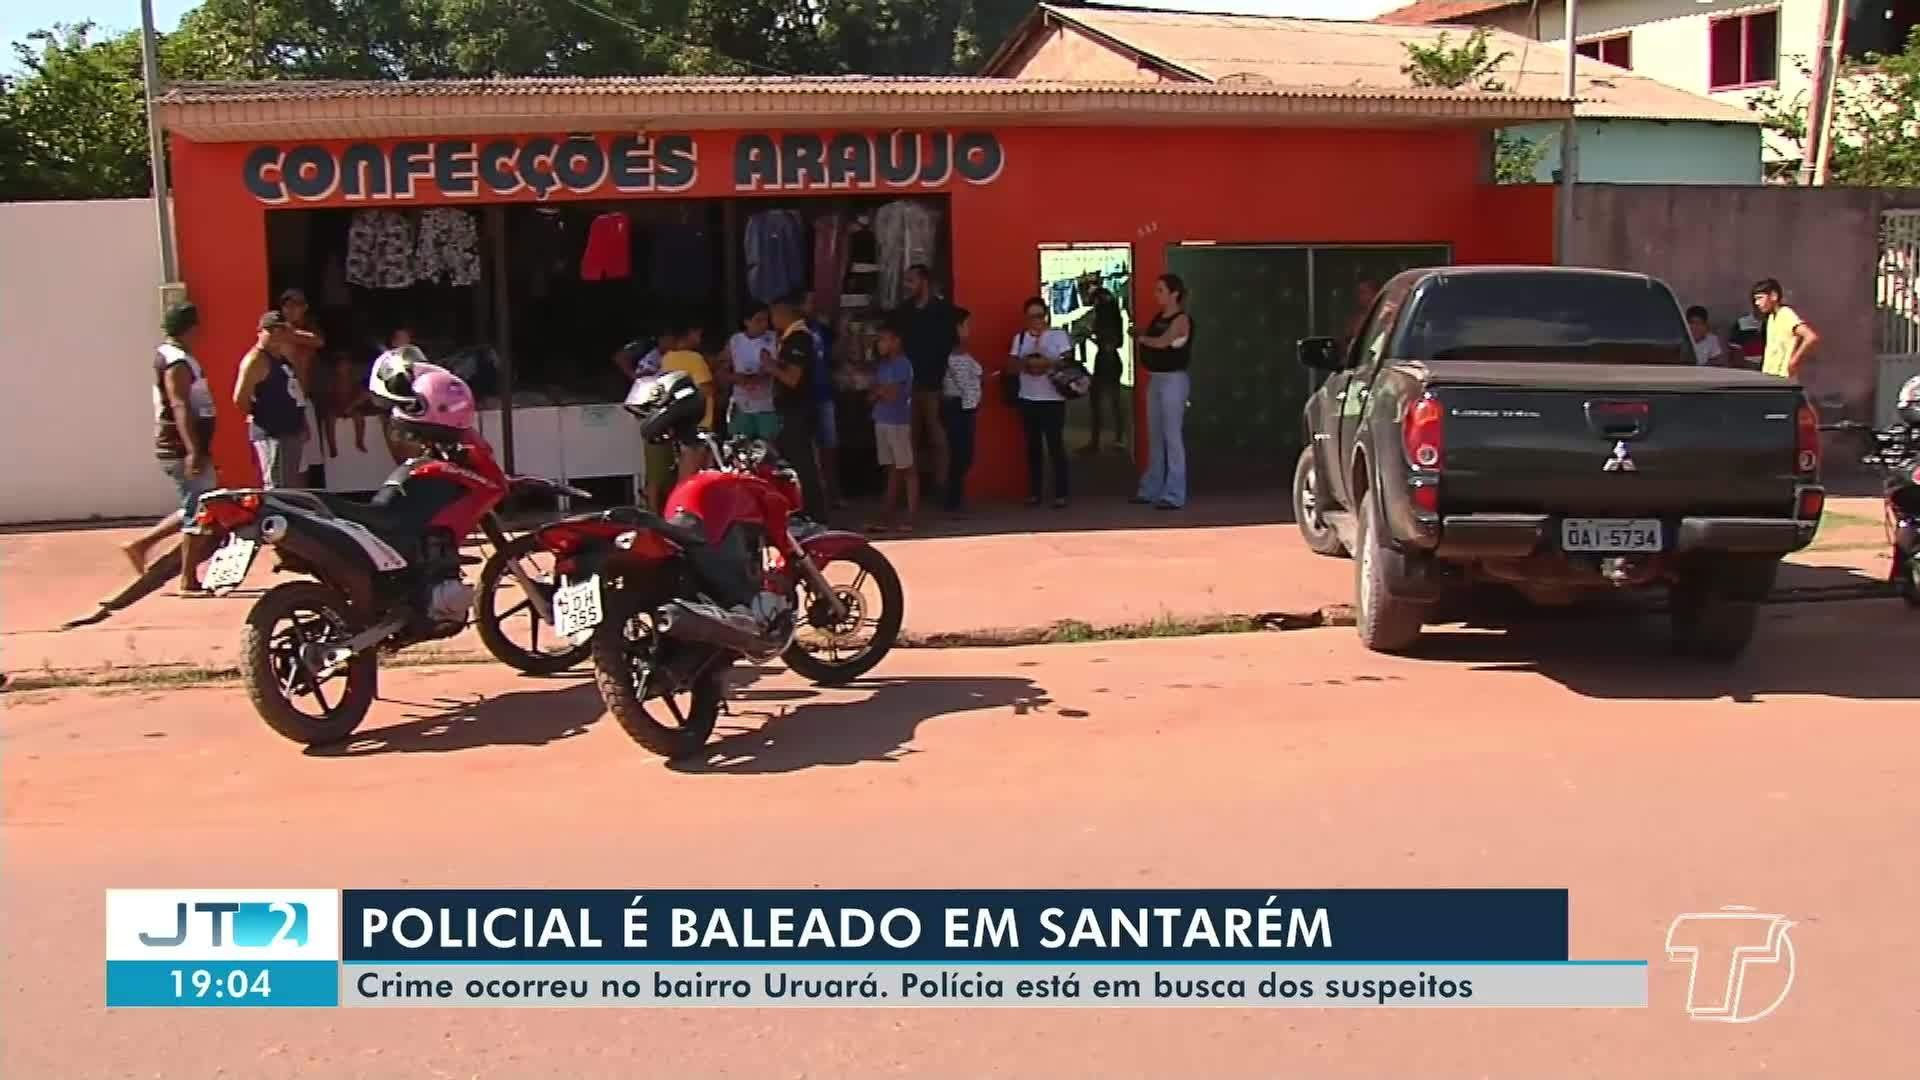 VÍDEOS: Jornal Tapajós 2ª edição de sábado, 25 de janeiro